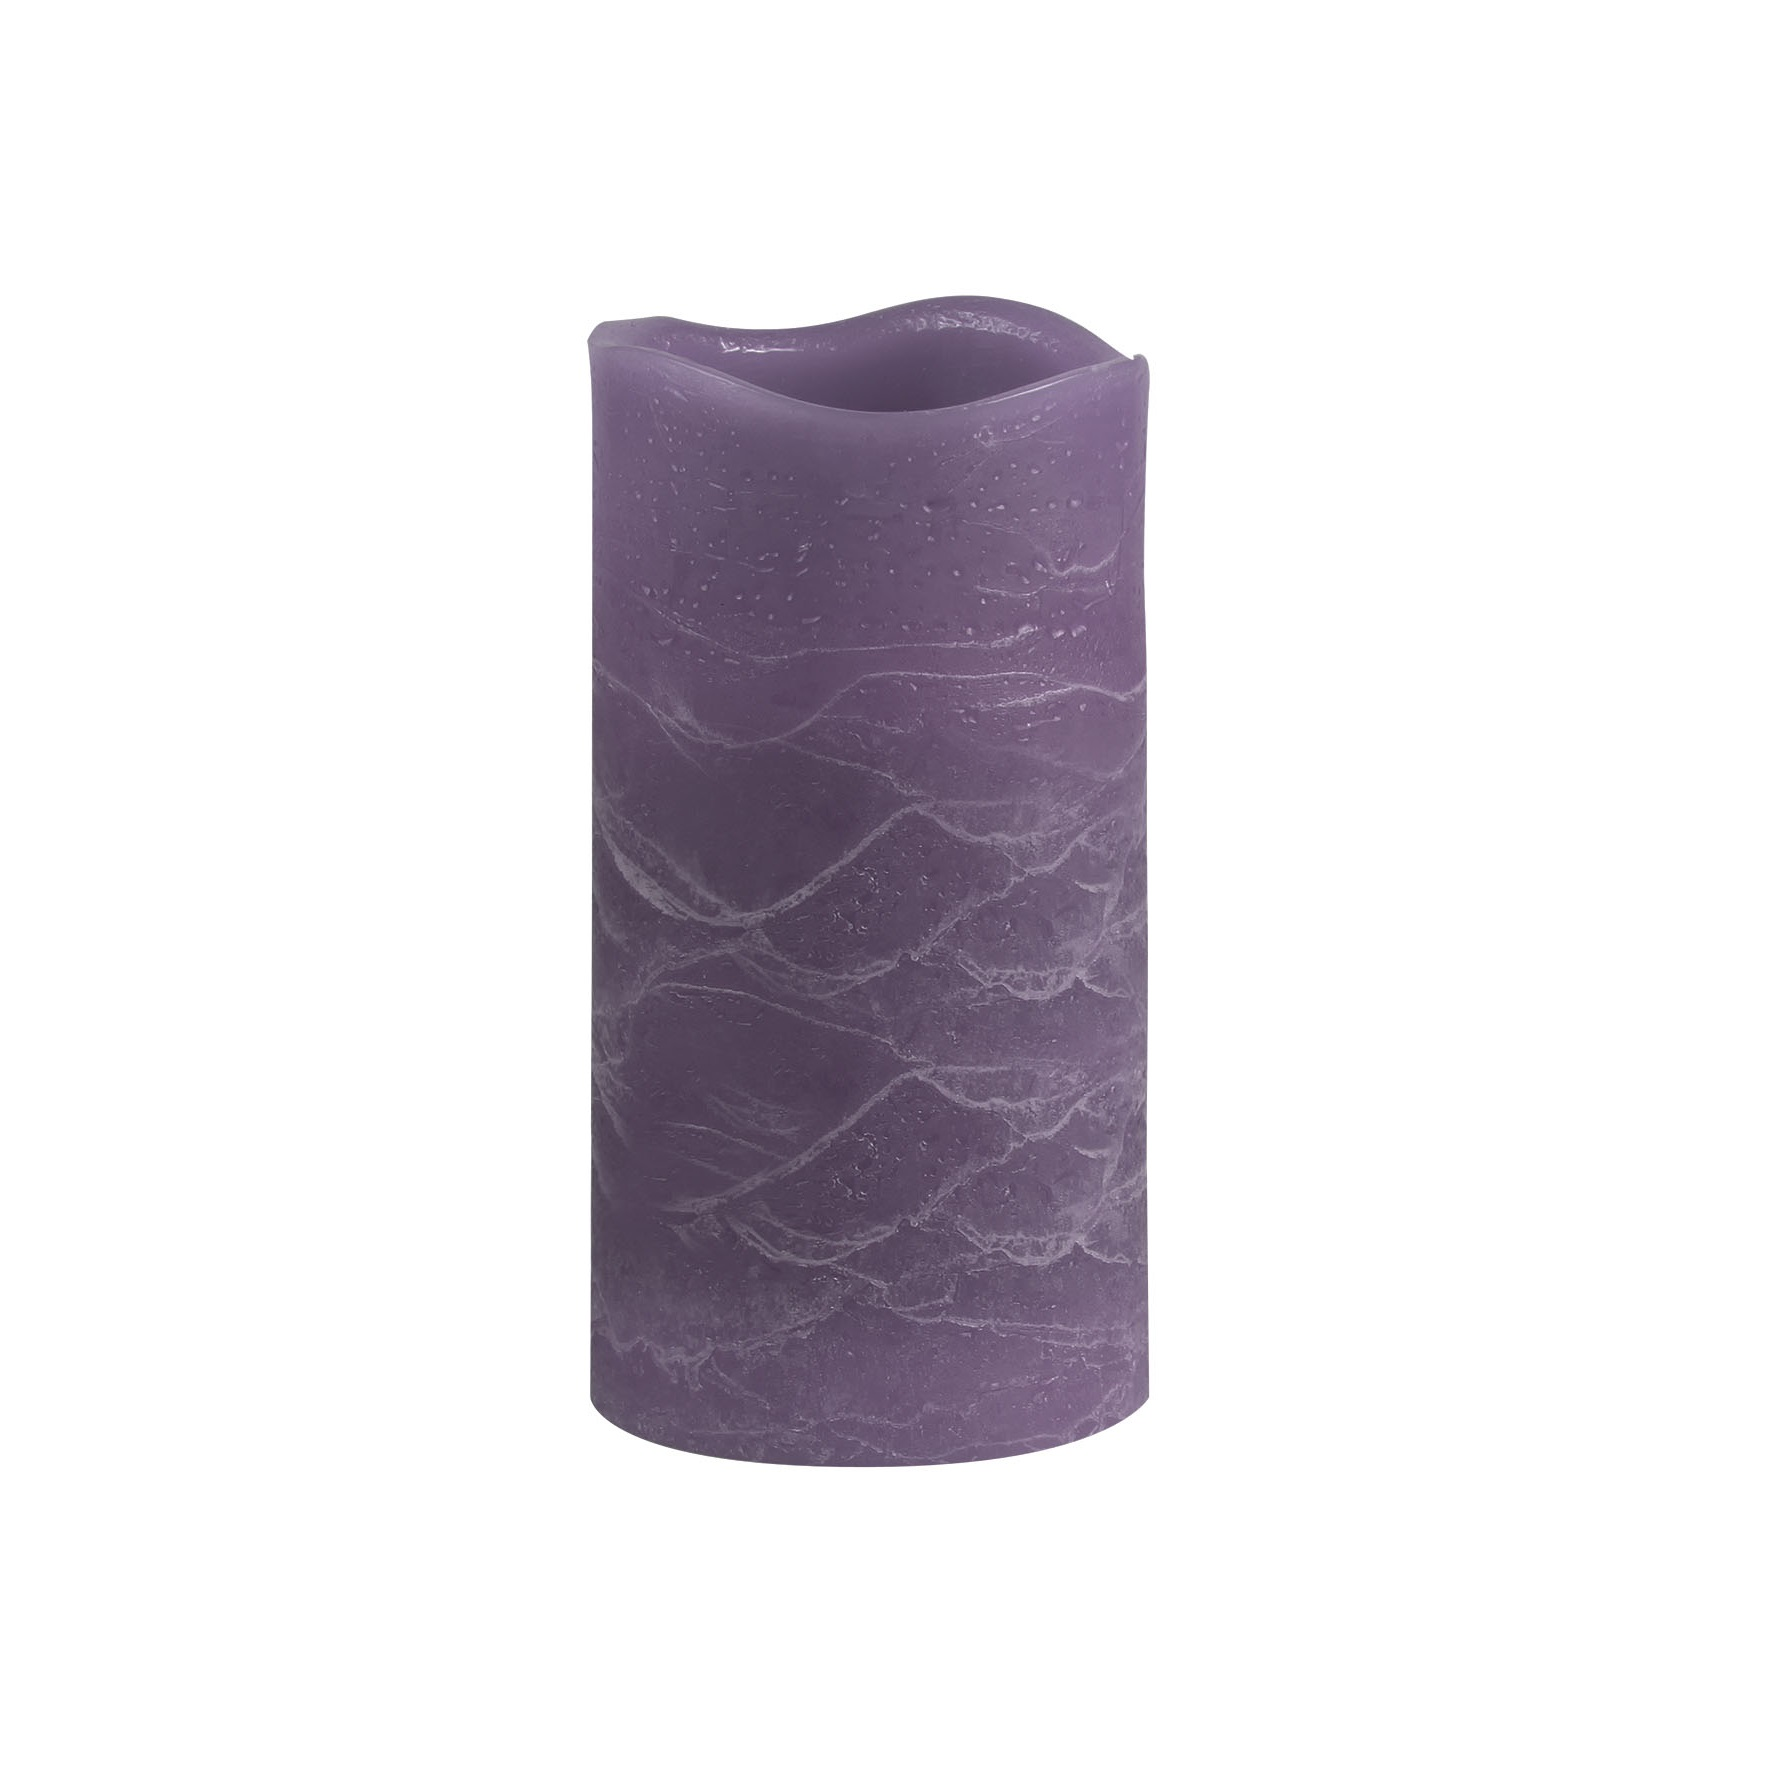 Светильник декоративный Ranex Свеча 150 мм фиолетовый